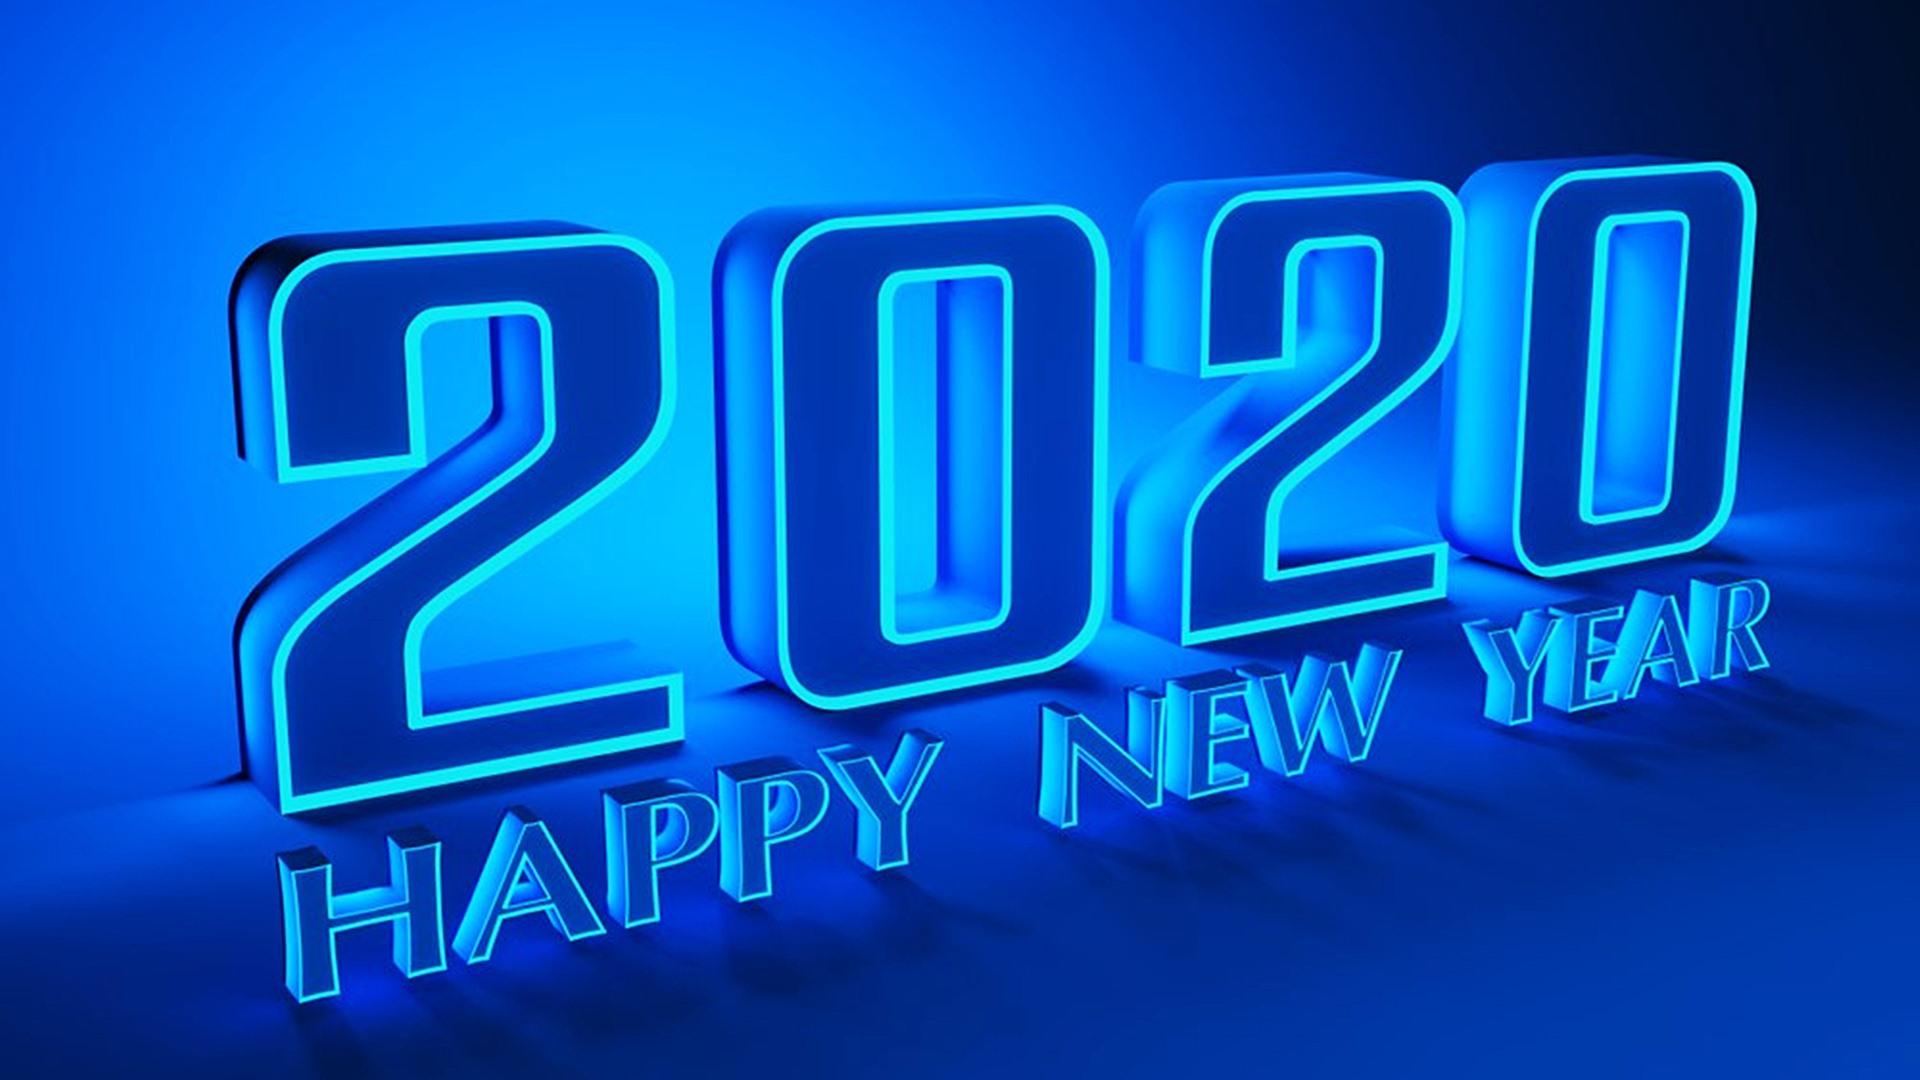 download Happy New Year 2020 Desktop Wallpaper 45546 Baltana 1920x1080